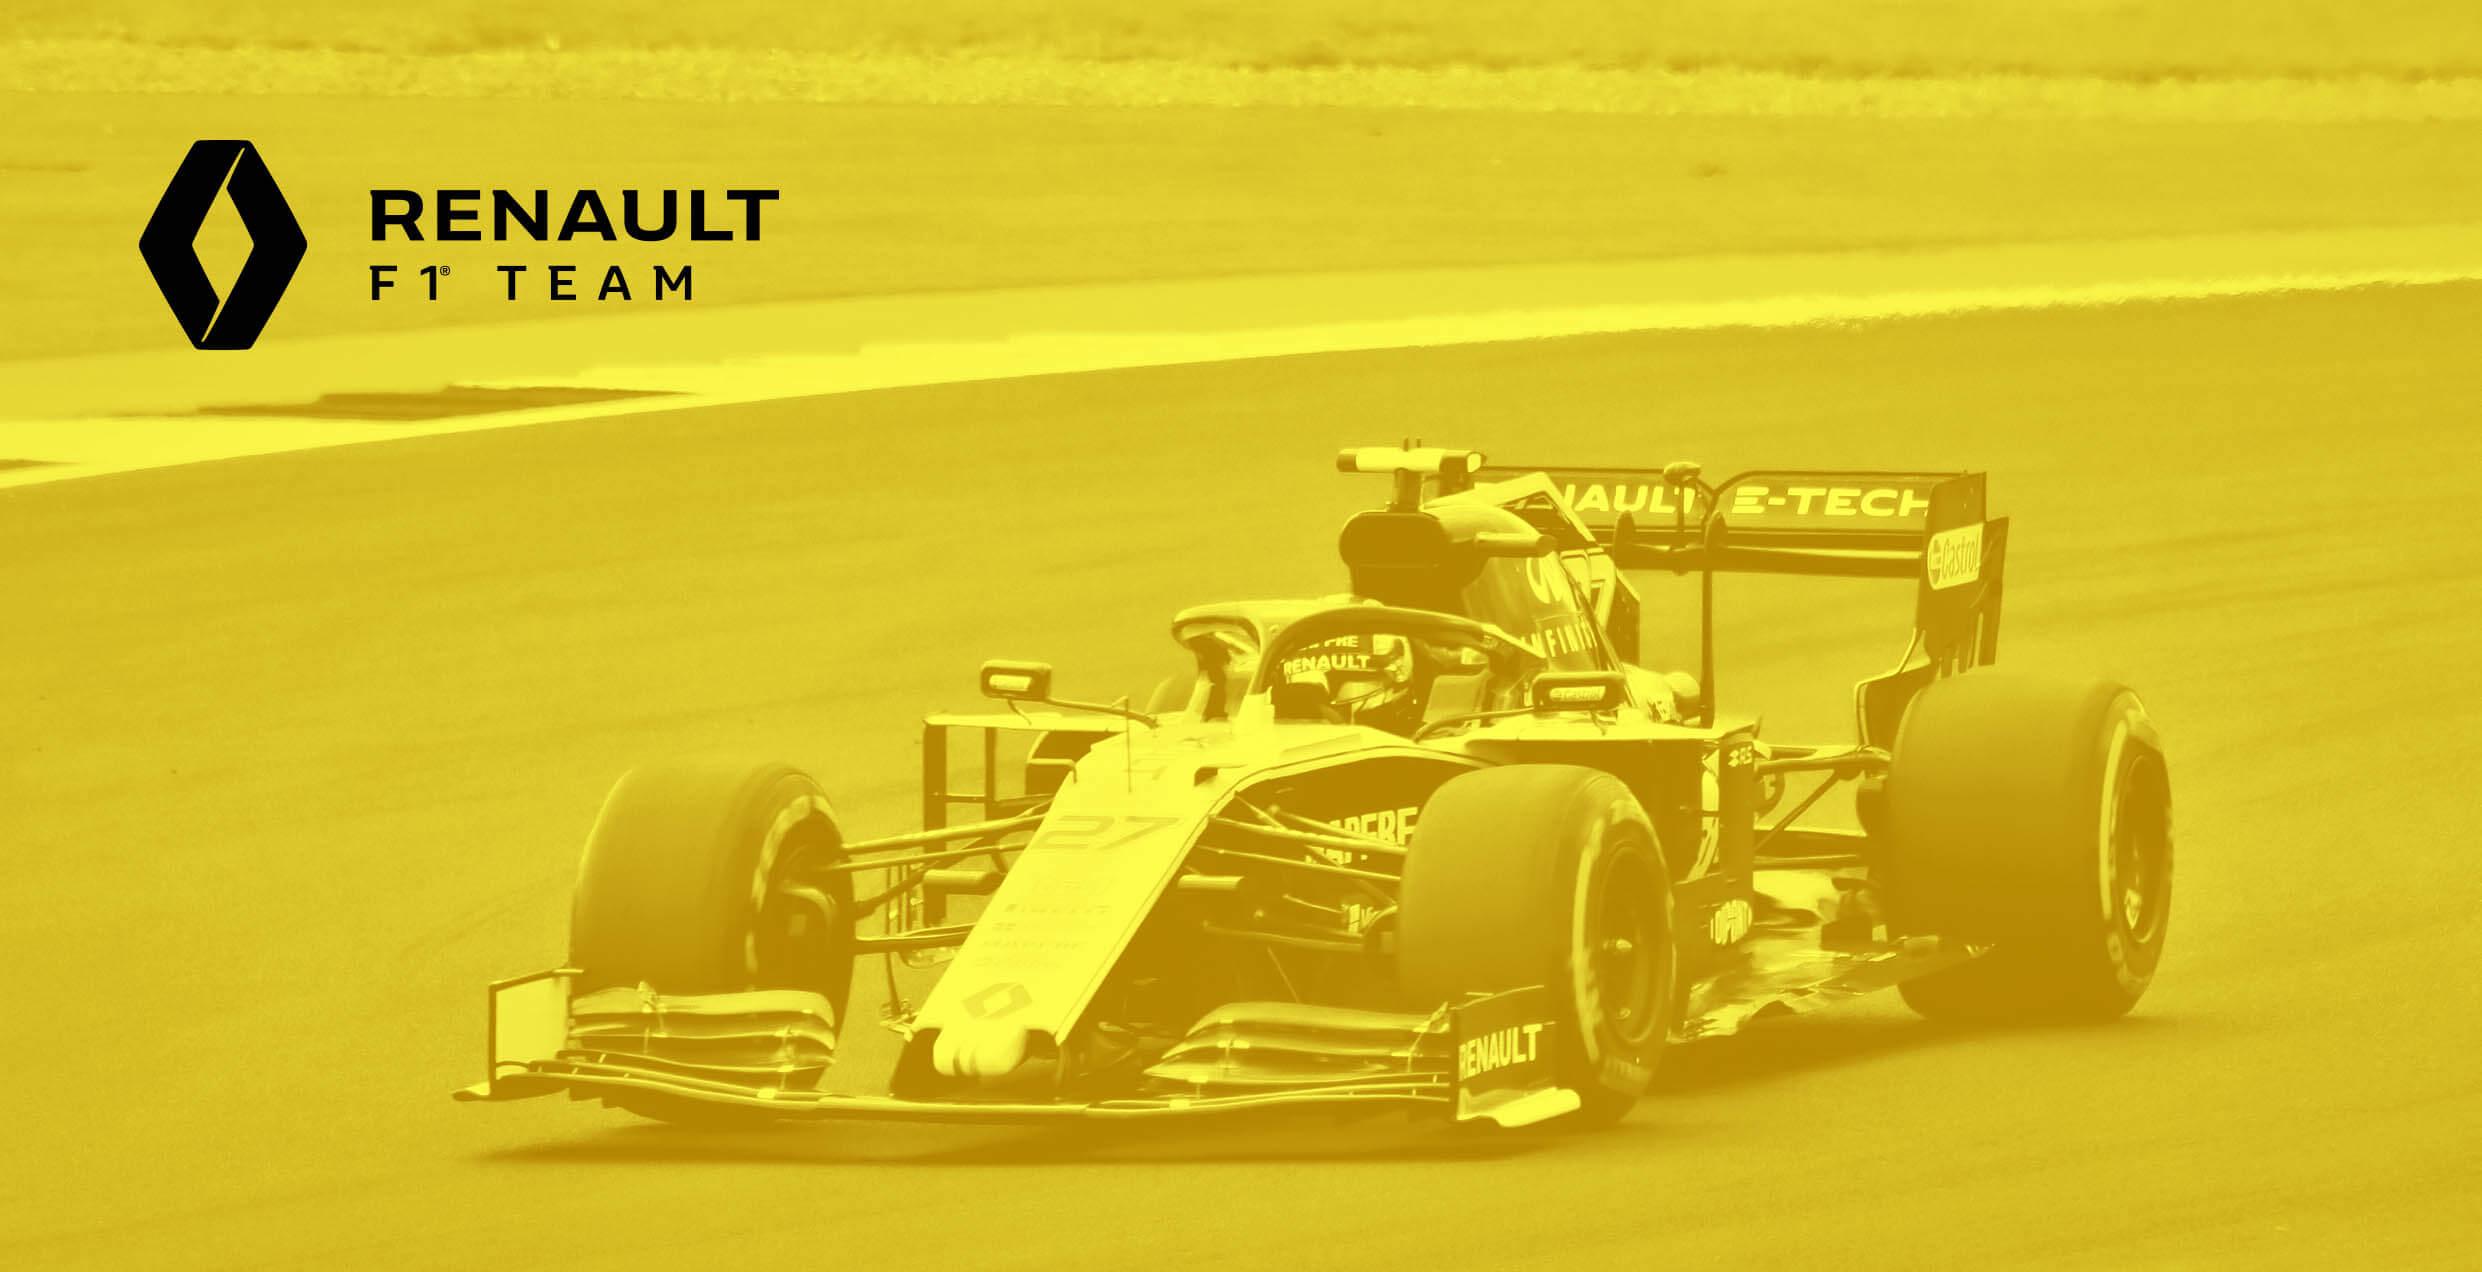 RENAULT F1 TEAM 2019